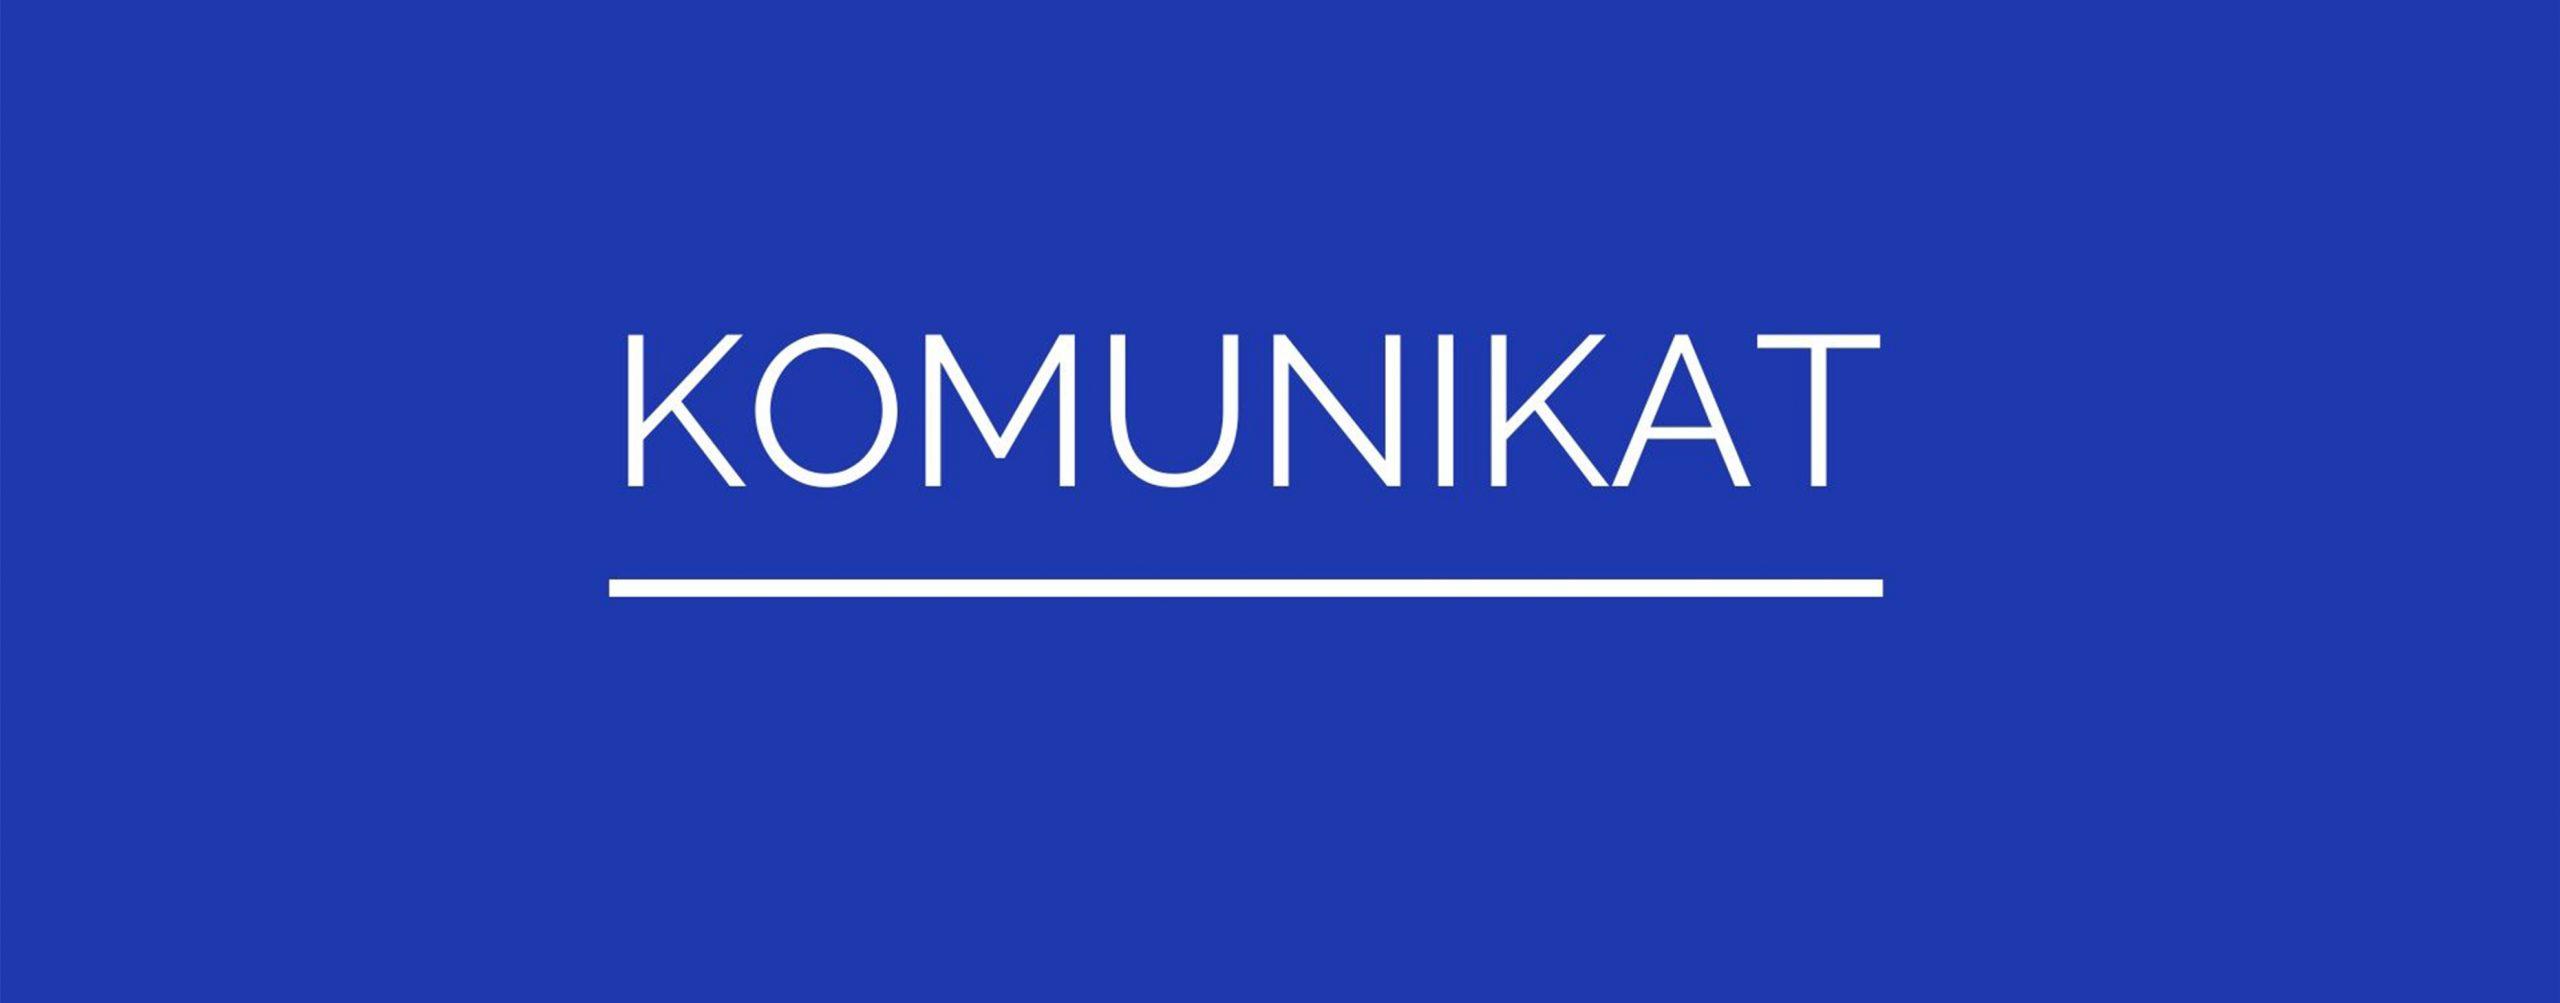 Komunikat dla Pacjentów z Gołkowa